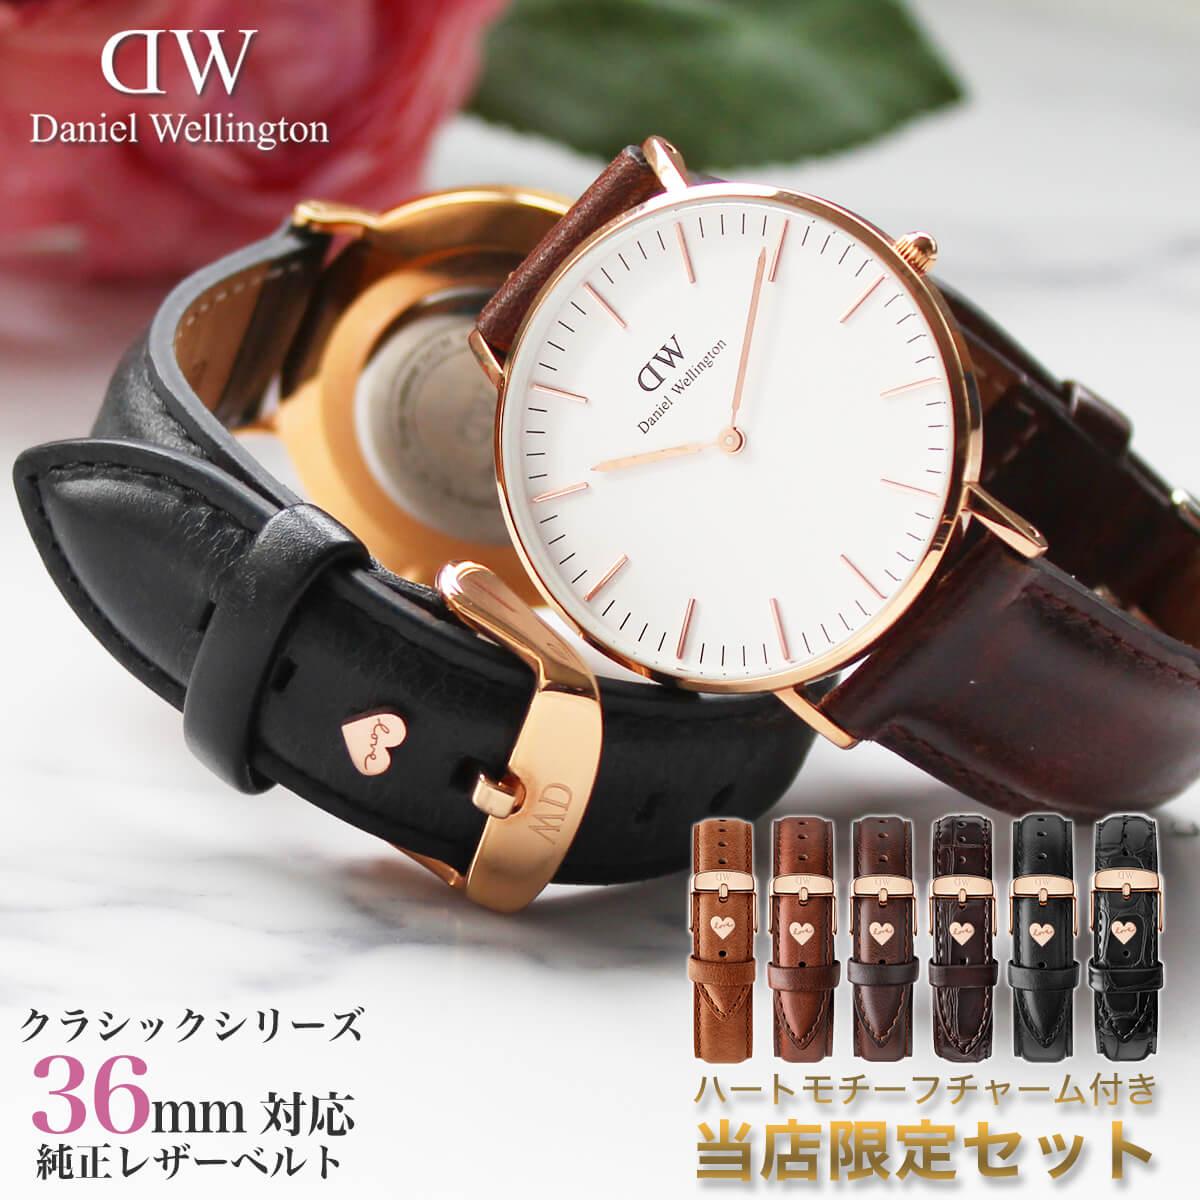 8234704497 [正規品]ダニエルウェリントン腕時計DanielWellington時計ベルトDanielWellington腕時計ダニエルウェリントン時計ベルト